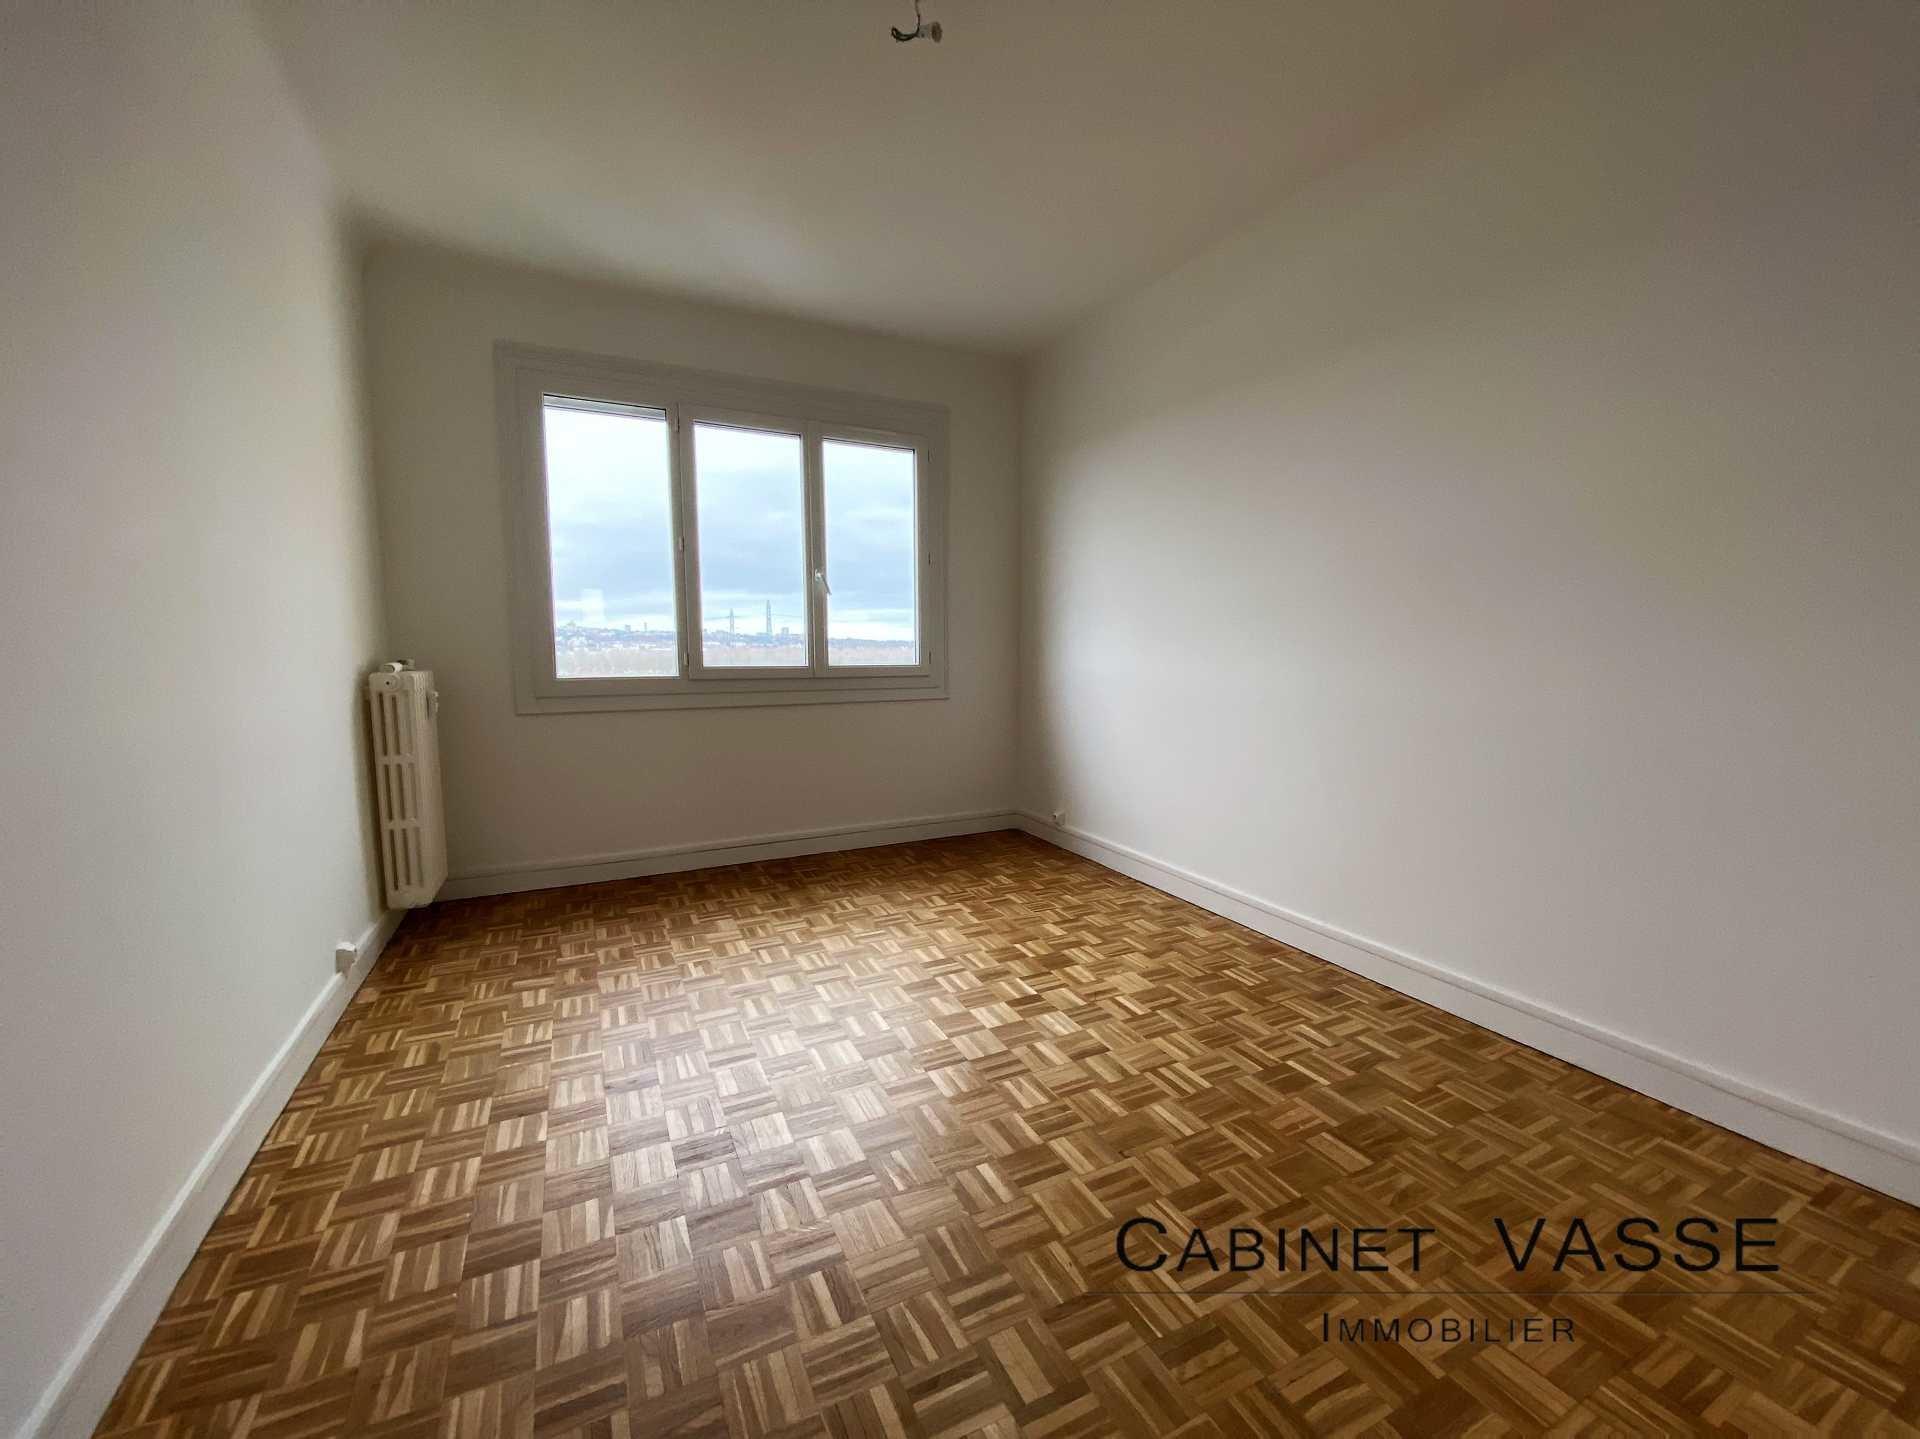 Appartement, parquet, vue dégagée, chambre, vasse, a louer